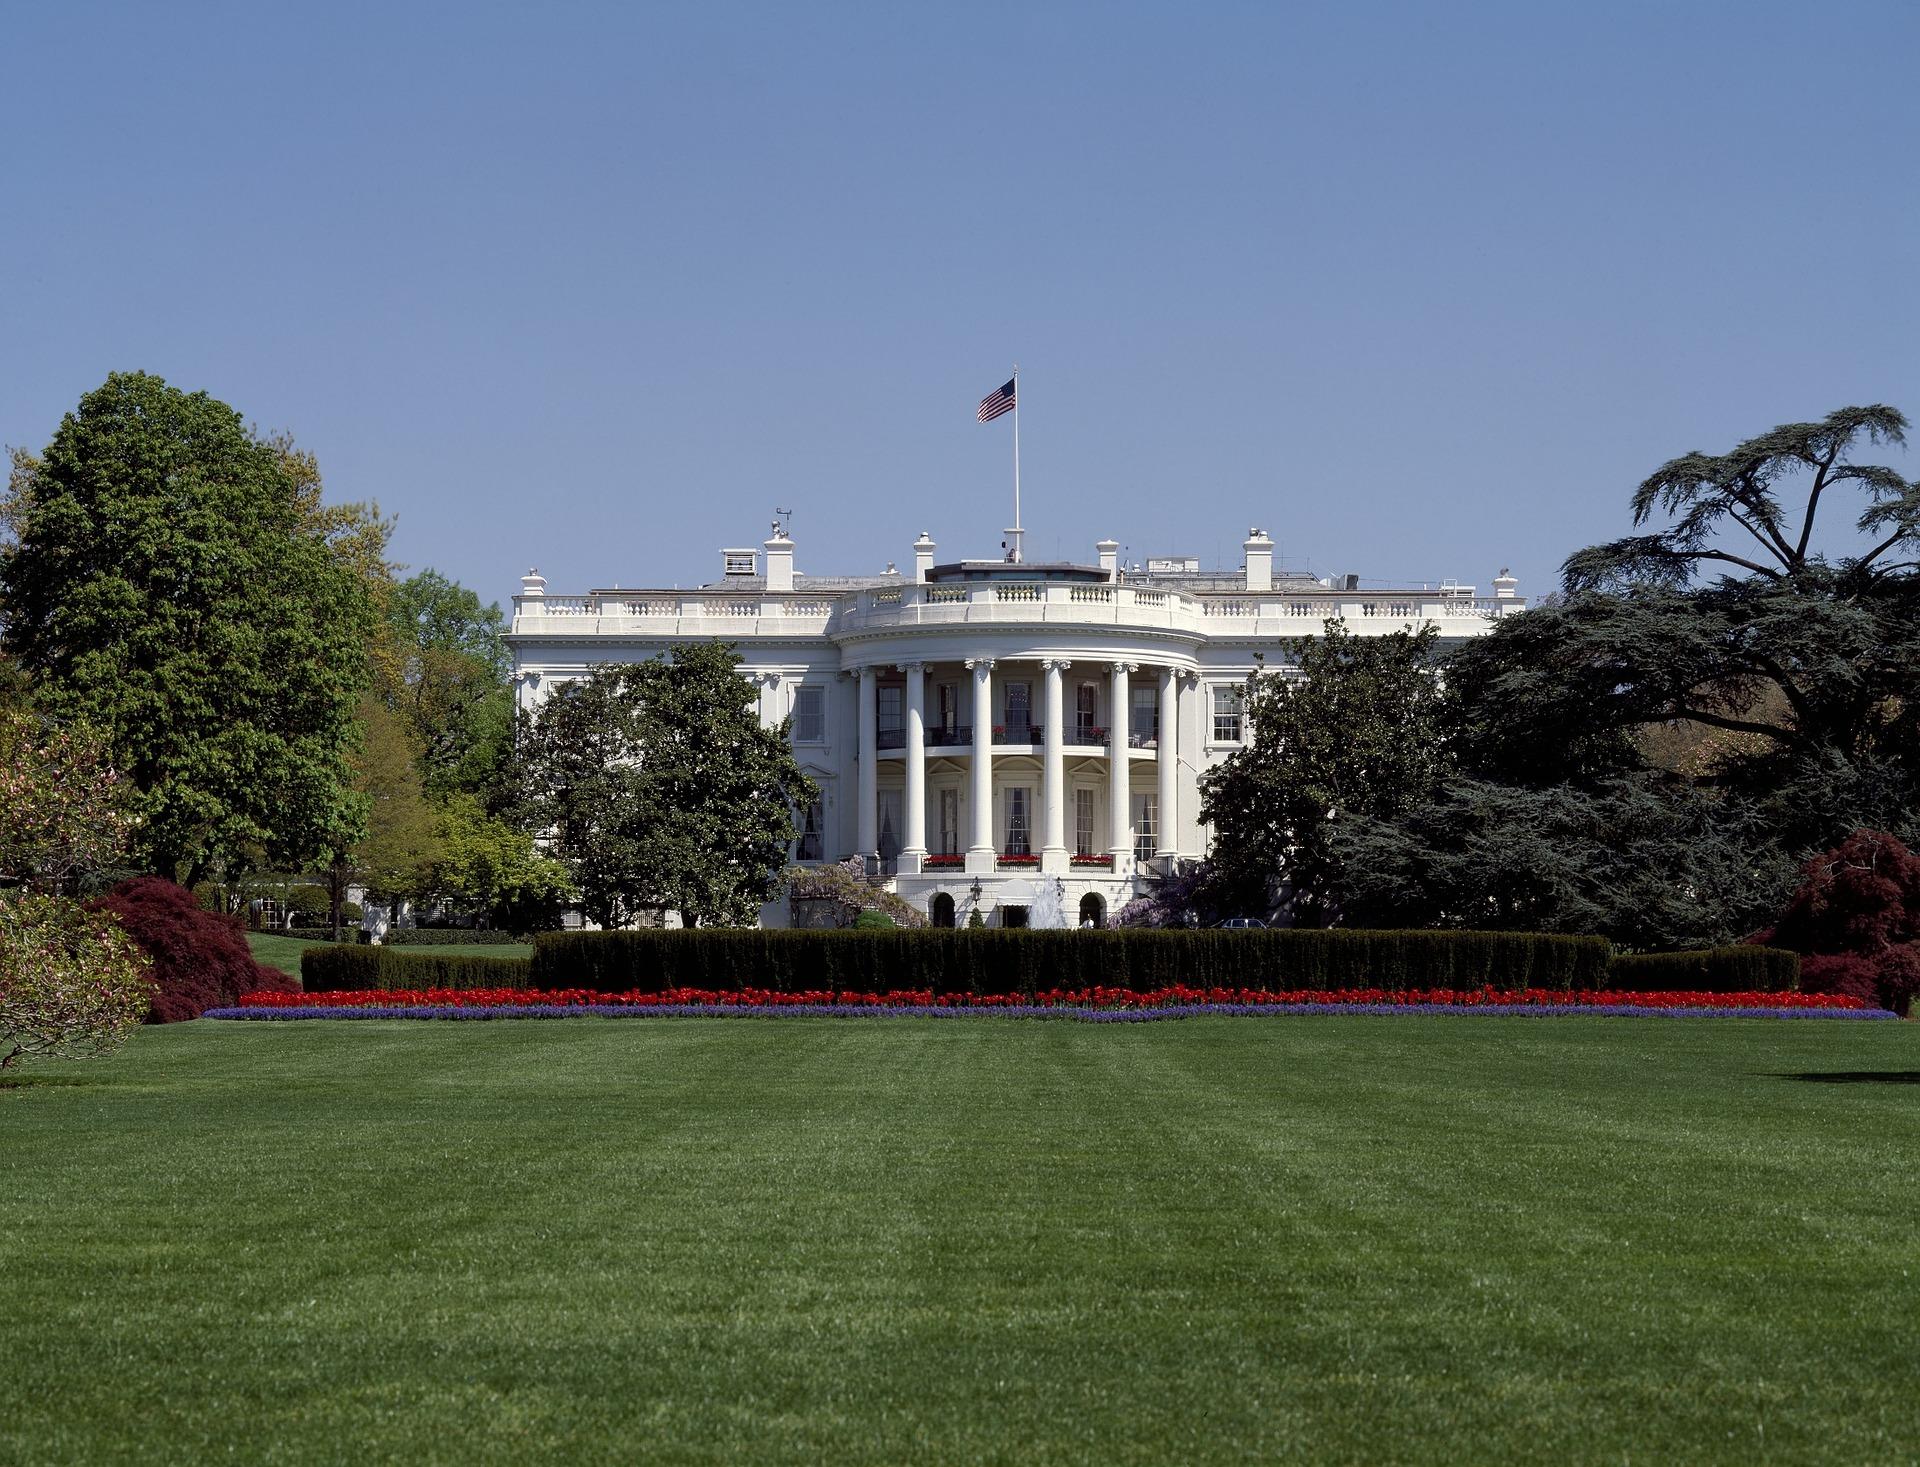 海外ニュース編 アメリカ大統領候補者によるテレビ第1回討論会